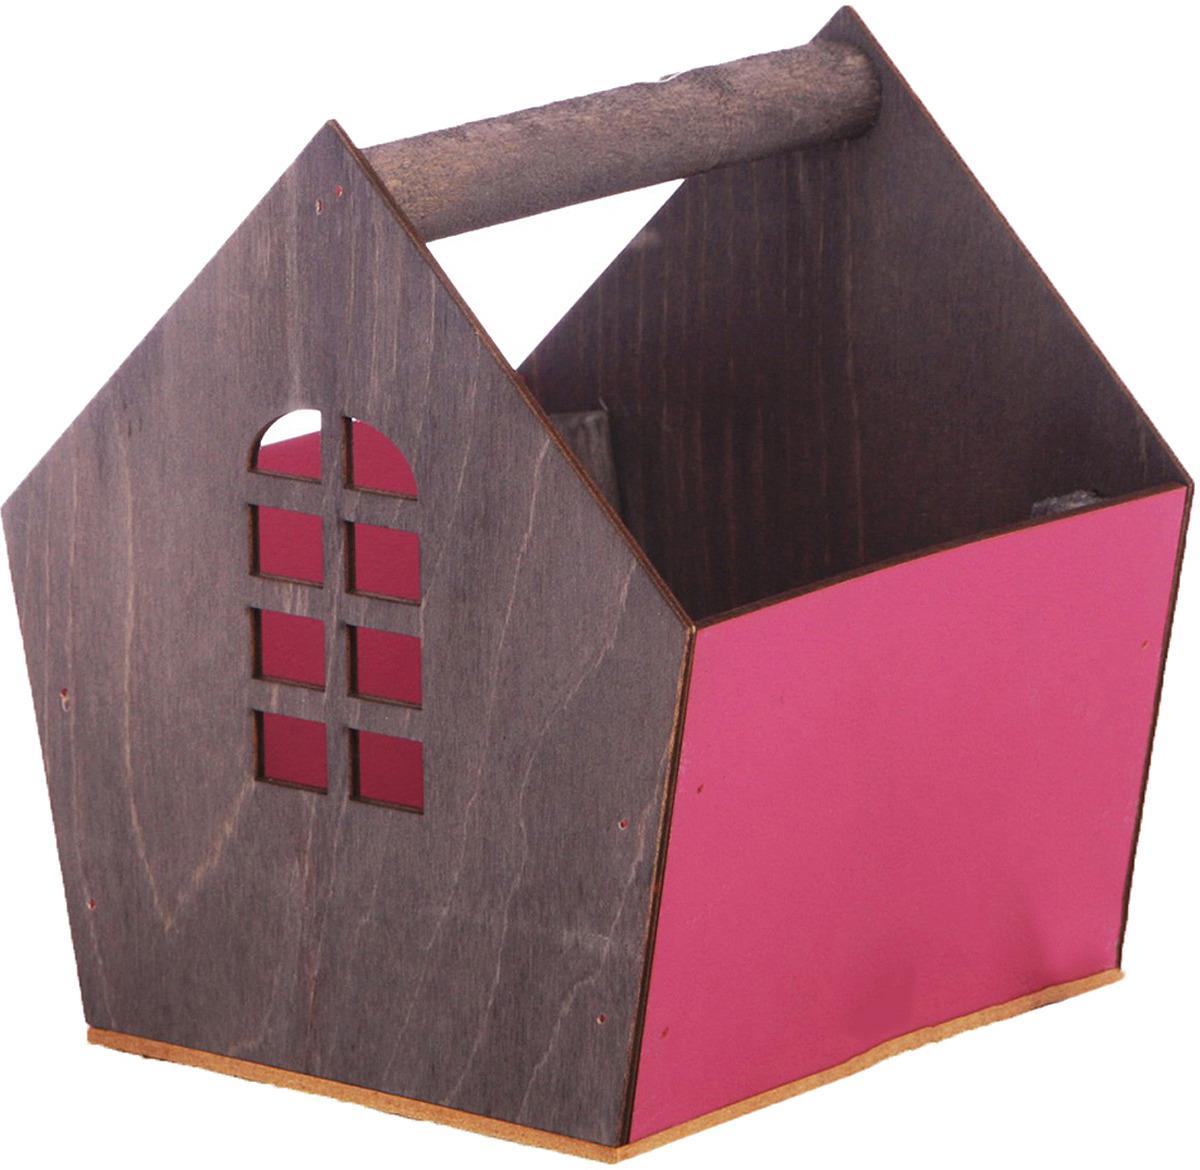 Кашпо садовое Дарите Счастье Ящик-скворечник, 3334620, серый, бордовый, 15 х 16,5 х 18,5 см